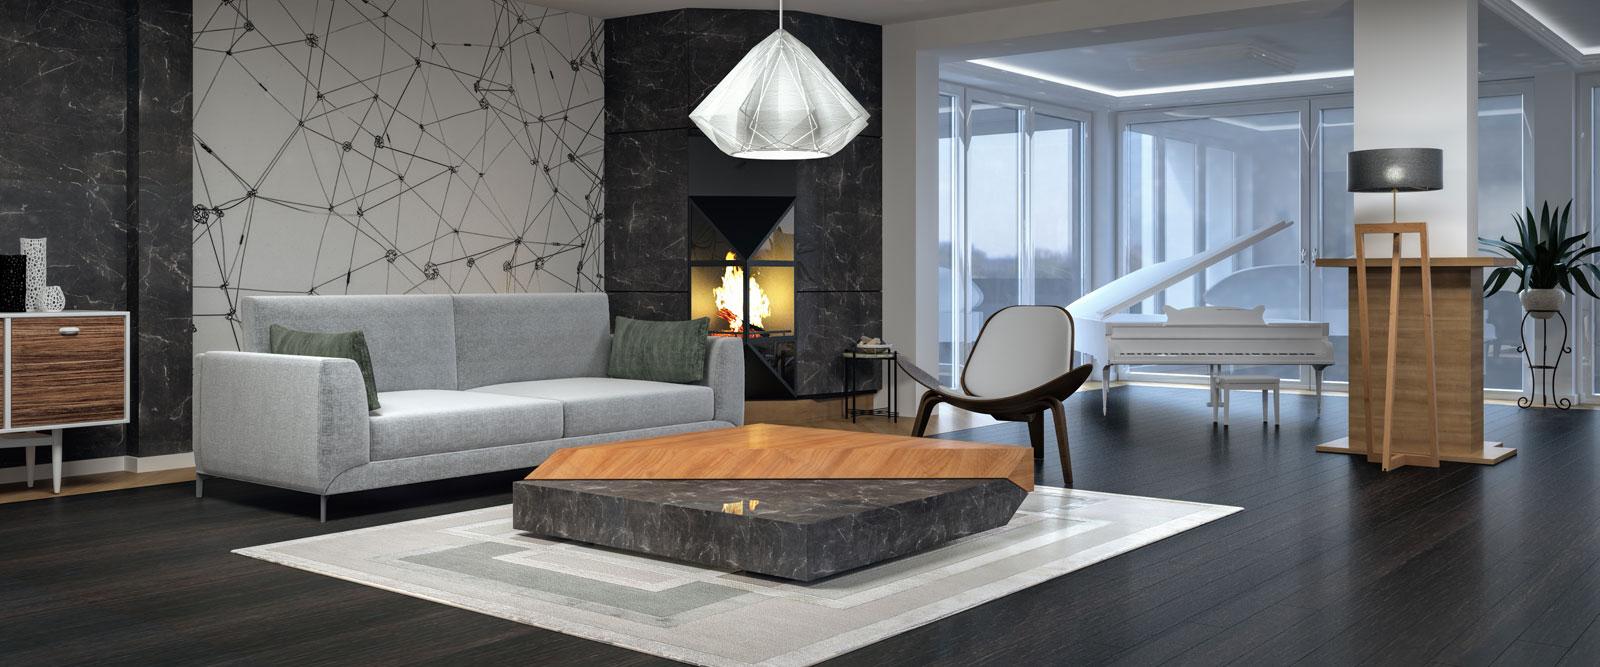 Interieur inspiratie Grillo Natuursteen woonkamer living